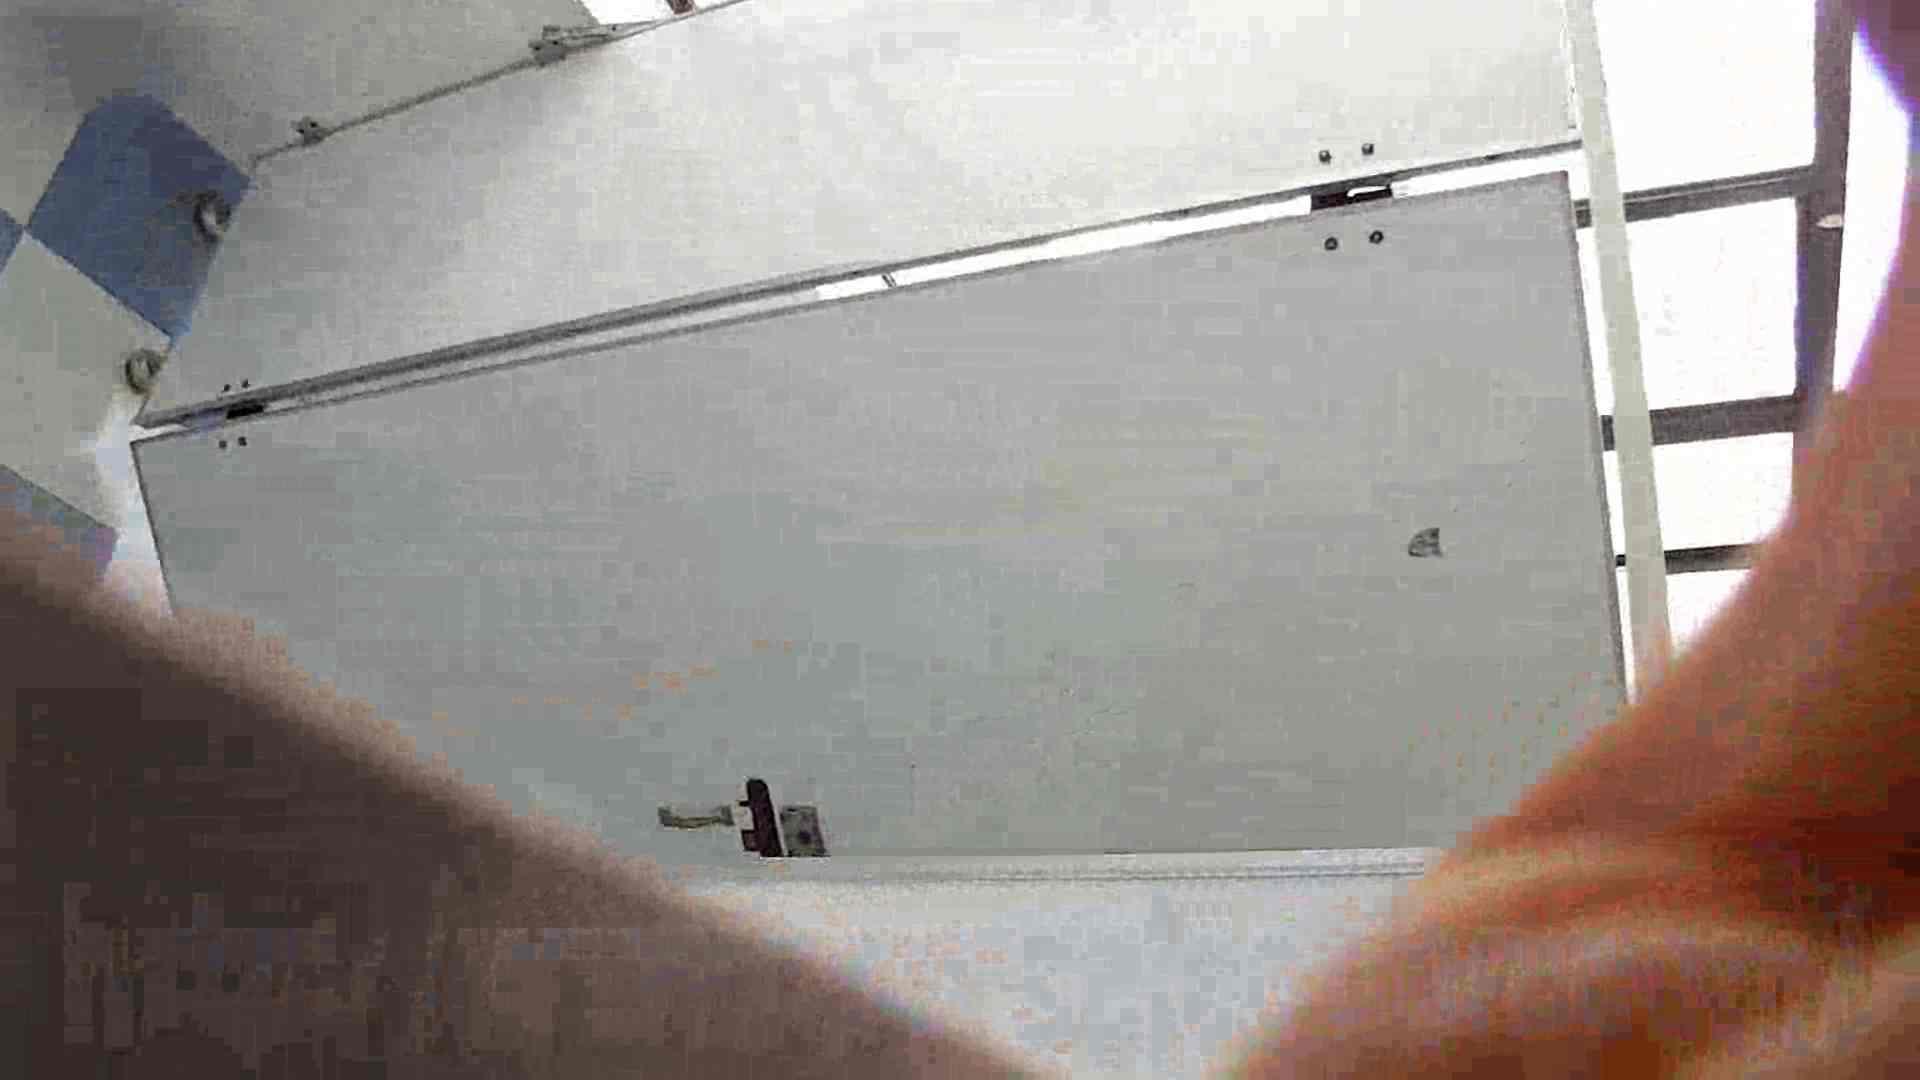 なんだこれ!! Vol.08 遂に美女登場!! OLエロ画像 隠し撮りオマンコ動画紹介 94PICs 29